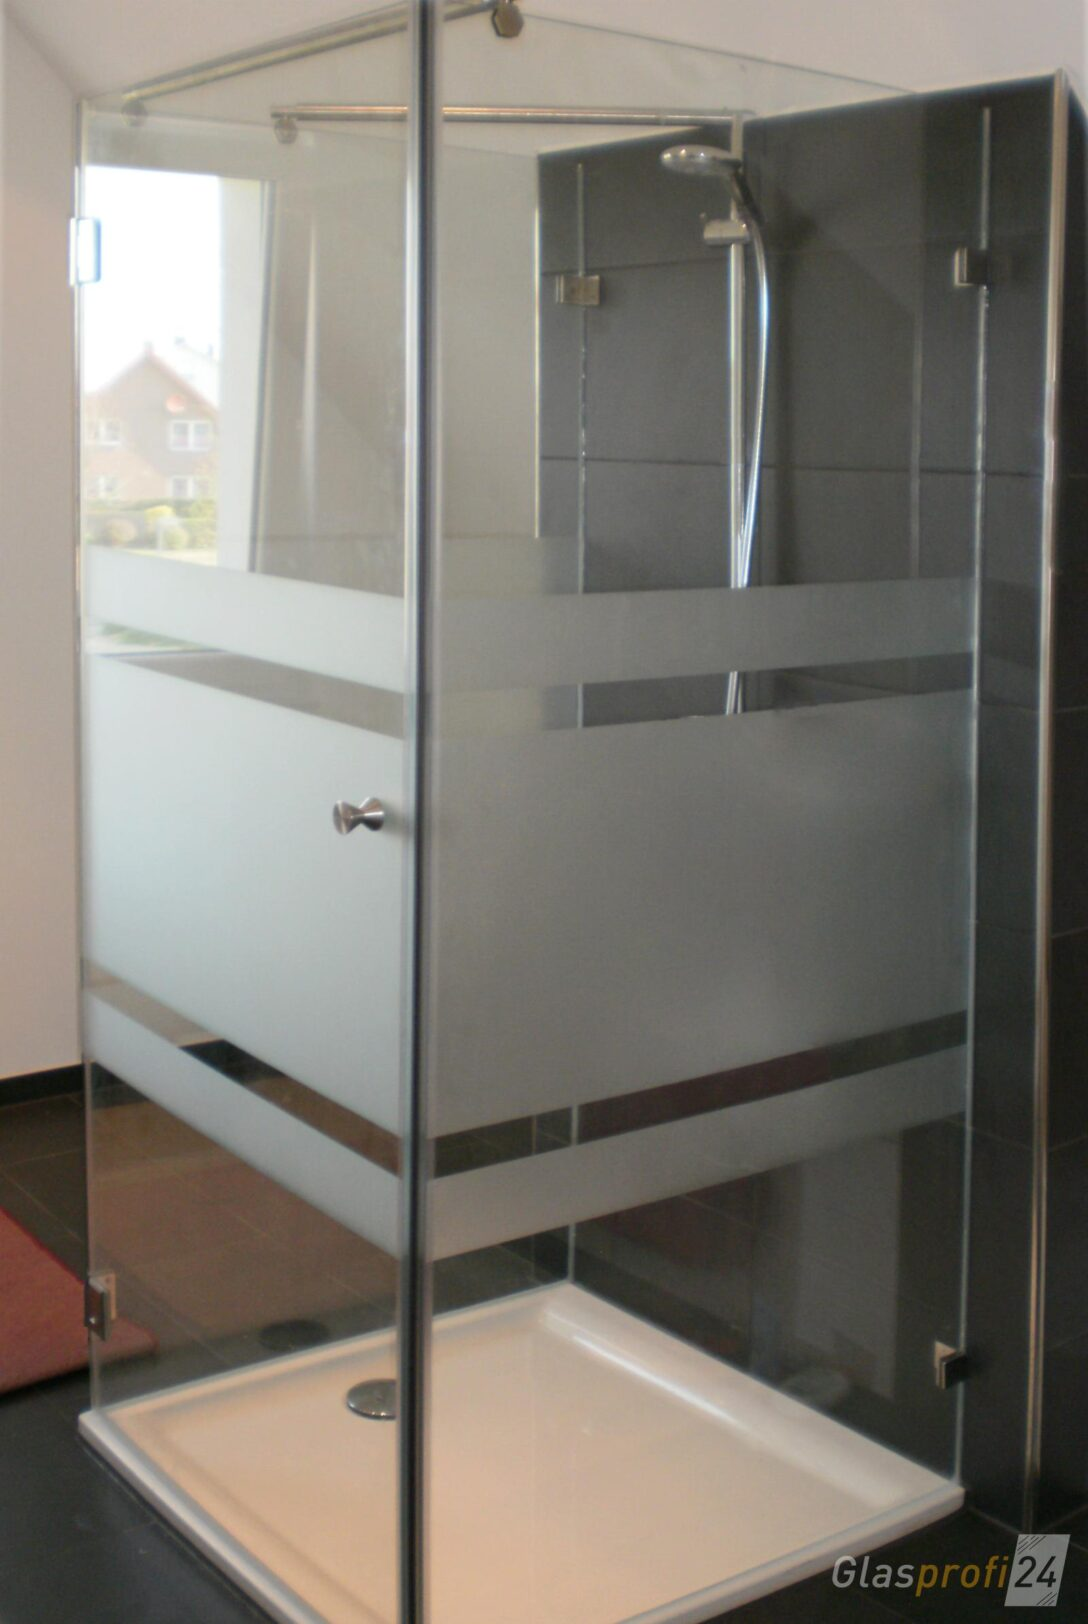 Large Size of Dusche 90x90 Duschkabine U Form Aus Glas Glasprofi24 Walk In Hsk Duschen Begehbare Glaswand Fliesen Für Hüppe Badewanne Mit Tür Und Ebenerdig Bodengleiche Dusche Dusche 90x90